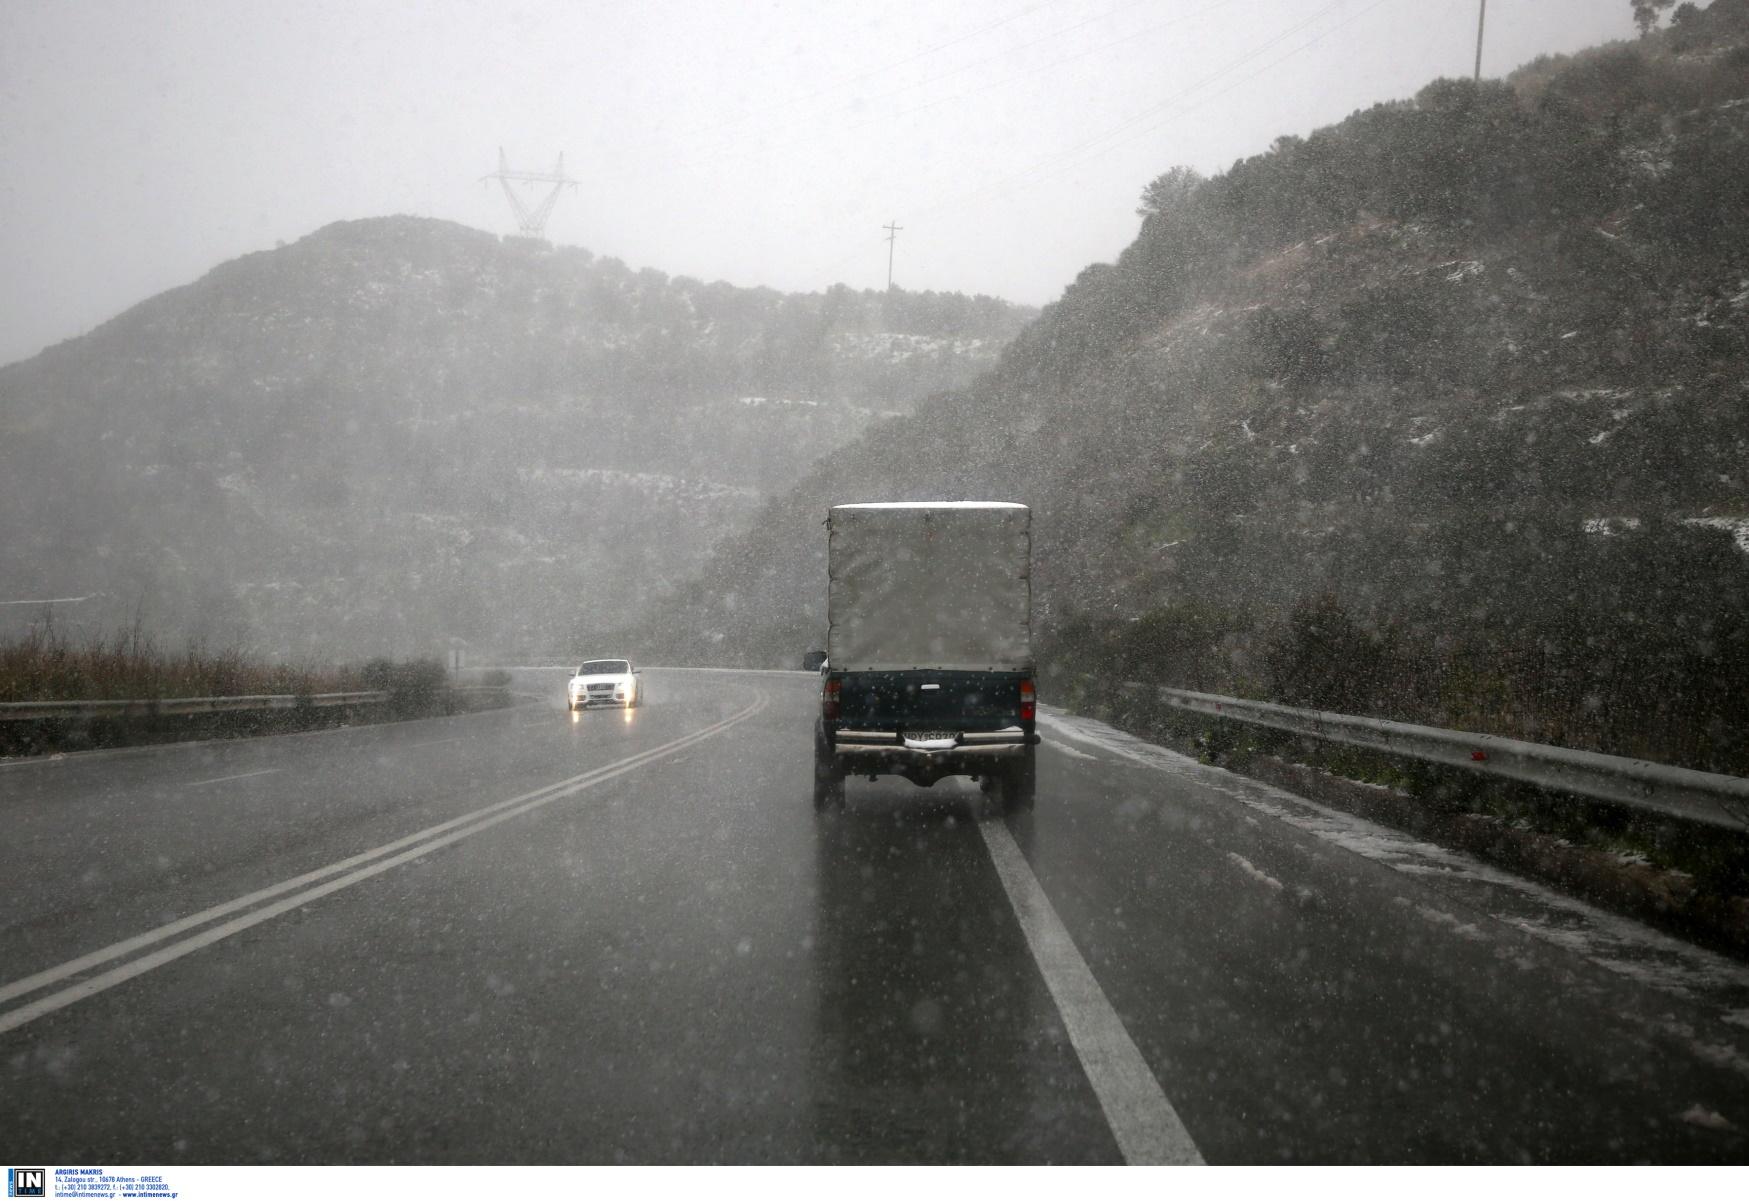 Καιρός αύριο: Ψυχρή εισβολή με βροχές και καταιγίδες – Σε ποιες περιοχές θα χιονίσει